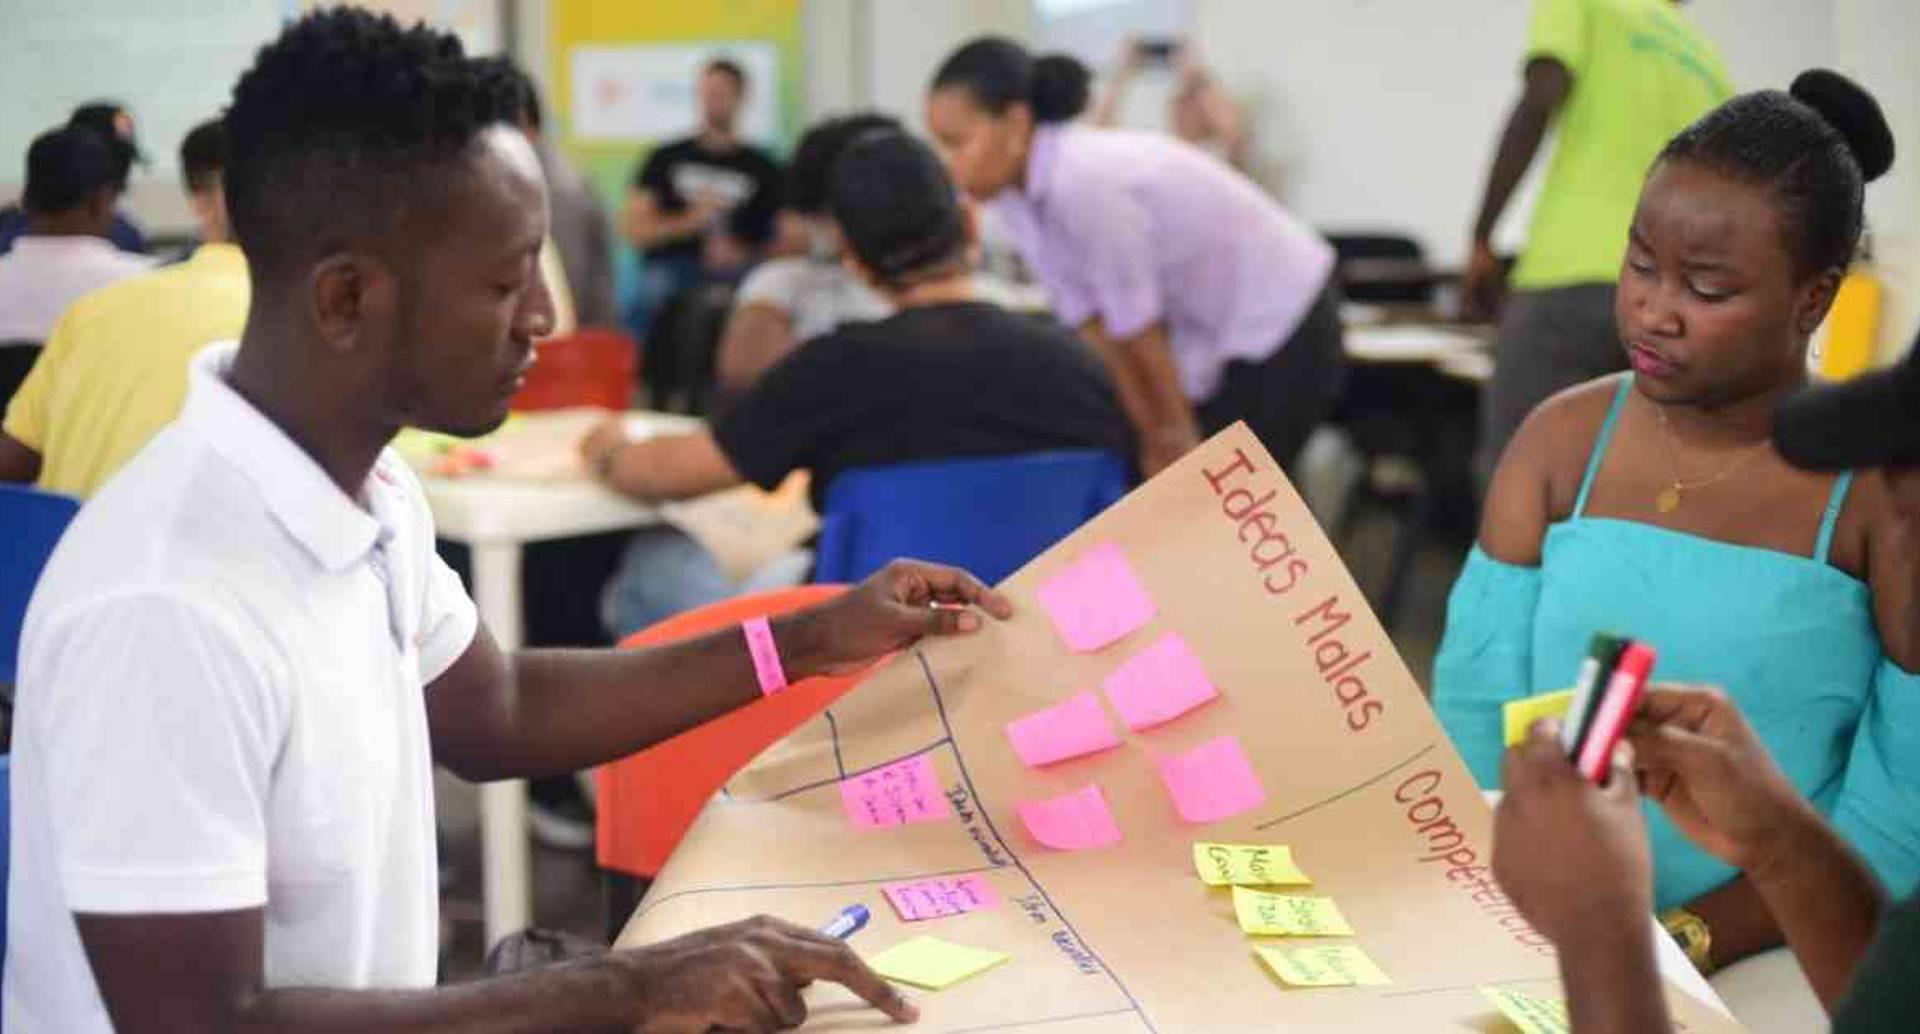 Dos bootcamps se realizaron este año en Detonante. La meta es realizar más sobre habilidades digitales, programación y conocimientos tecnológicos en el primer trimestre de 2020. Foto: Detonante.